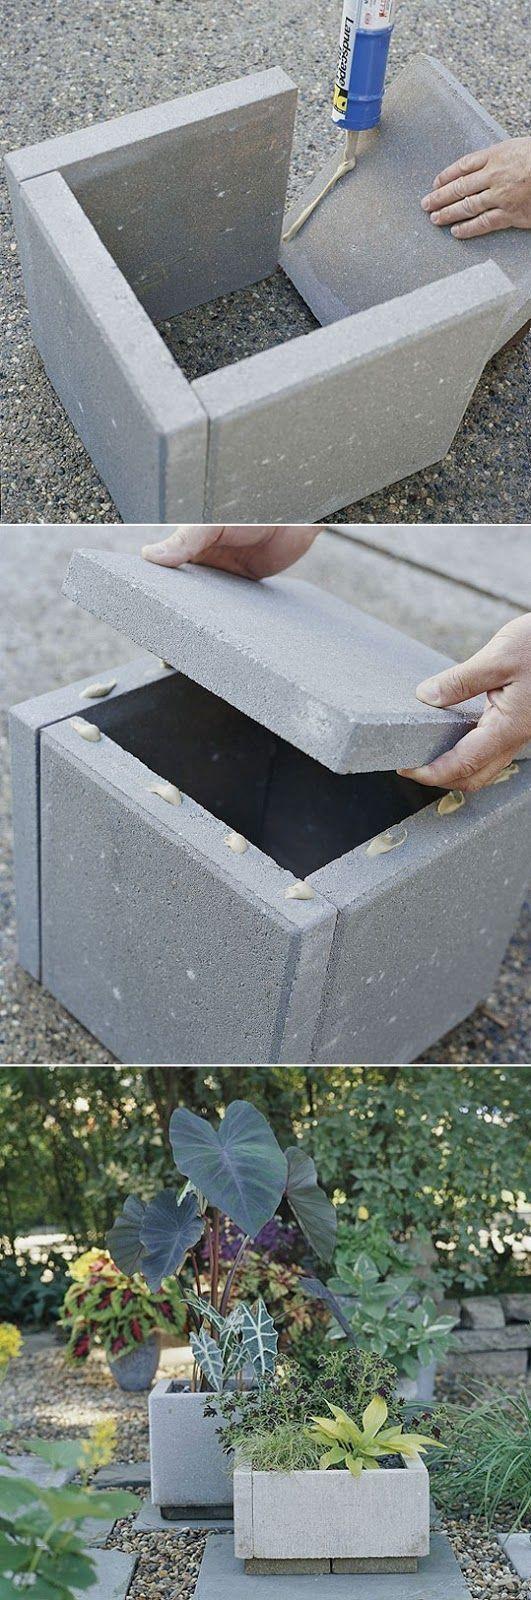 DIY-Pflanzgefäß aus Beton Beachten Sie die & # 39; quasi-natür & # 39; Blick von Wegkombination